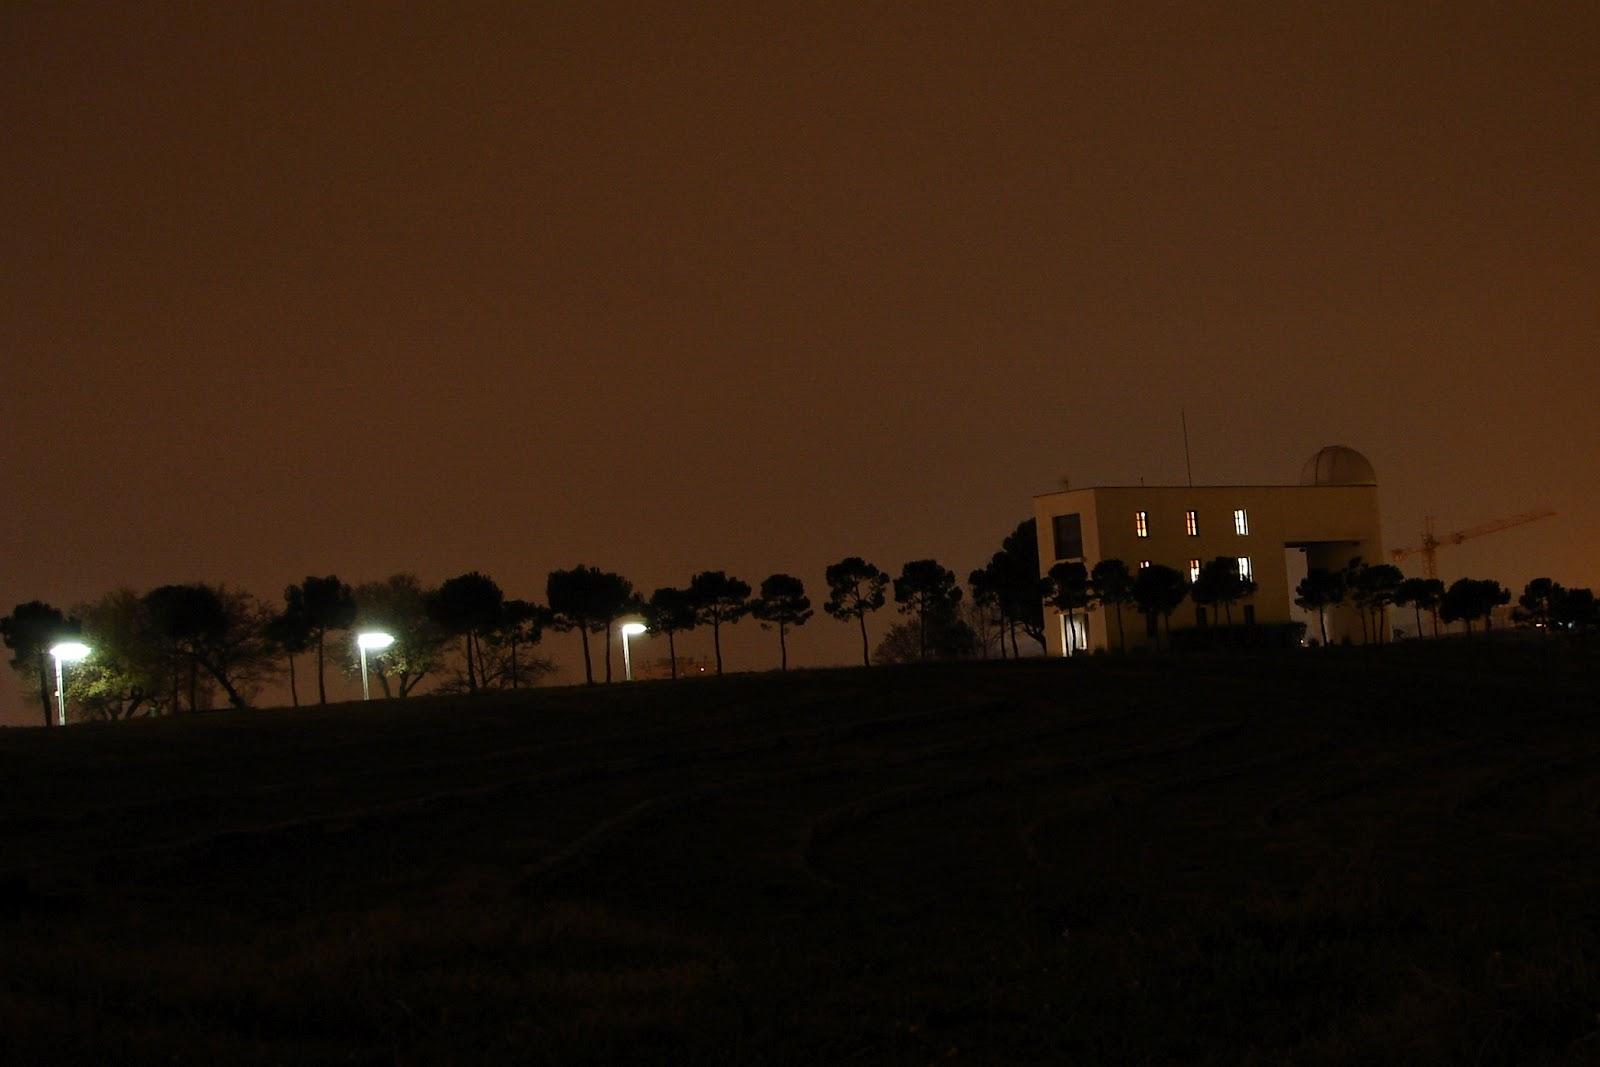 Observatori al parc de Catalunya de l'Agrupació Astronòmica de Sabadell